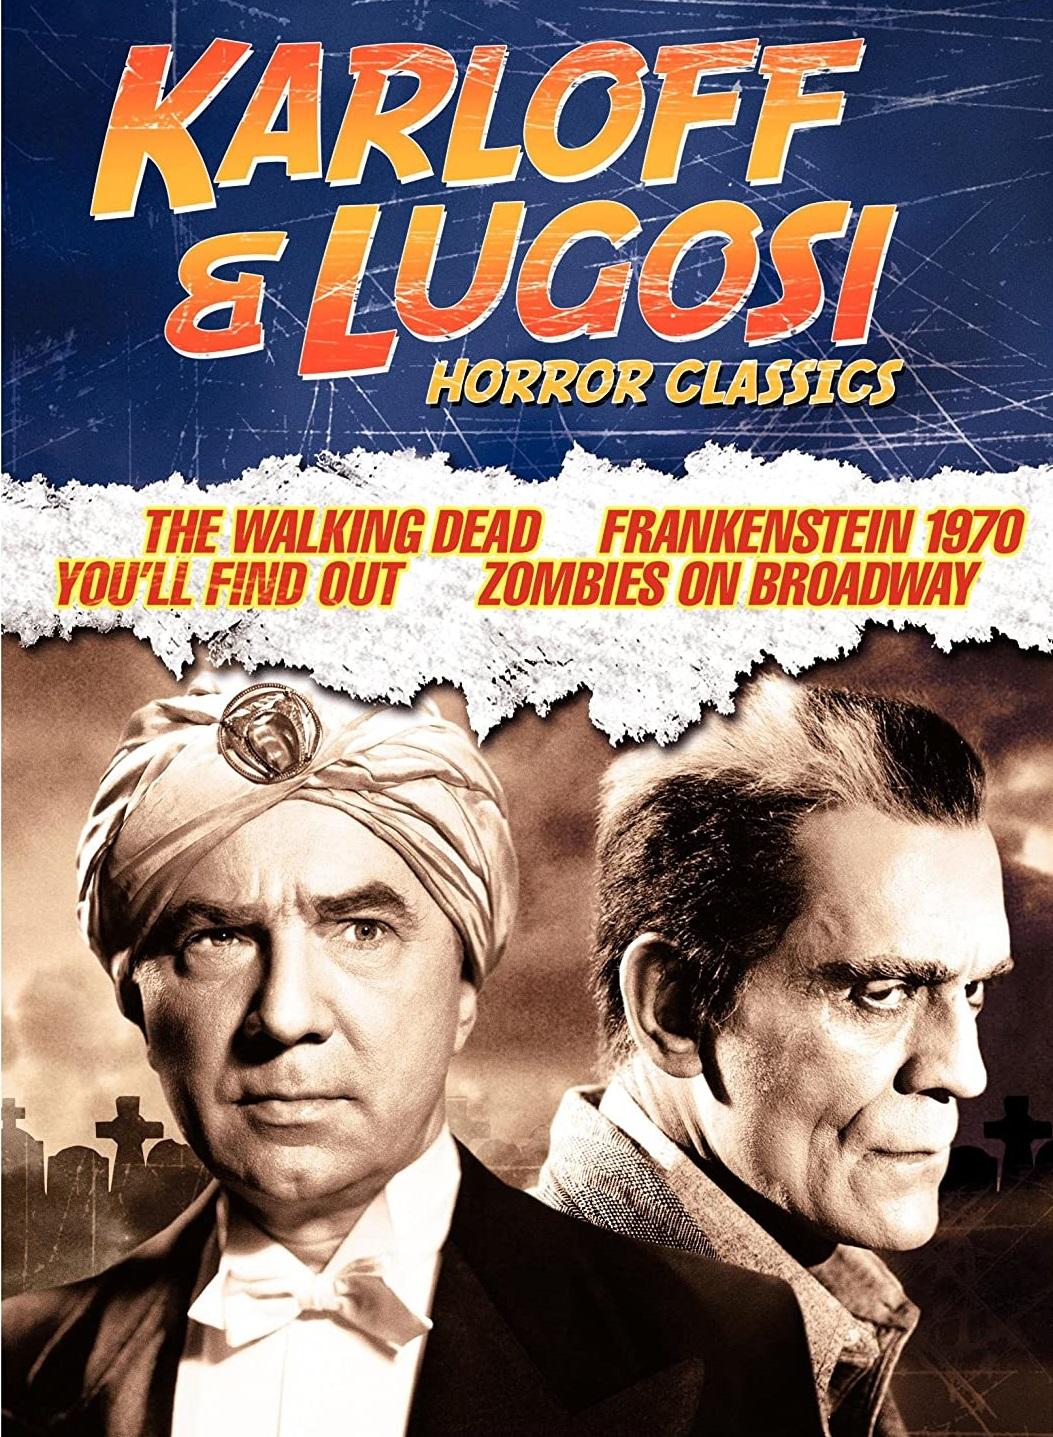 Boris Karloff and Bela Lugosi in The Walking Dead (1936)